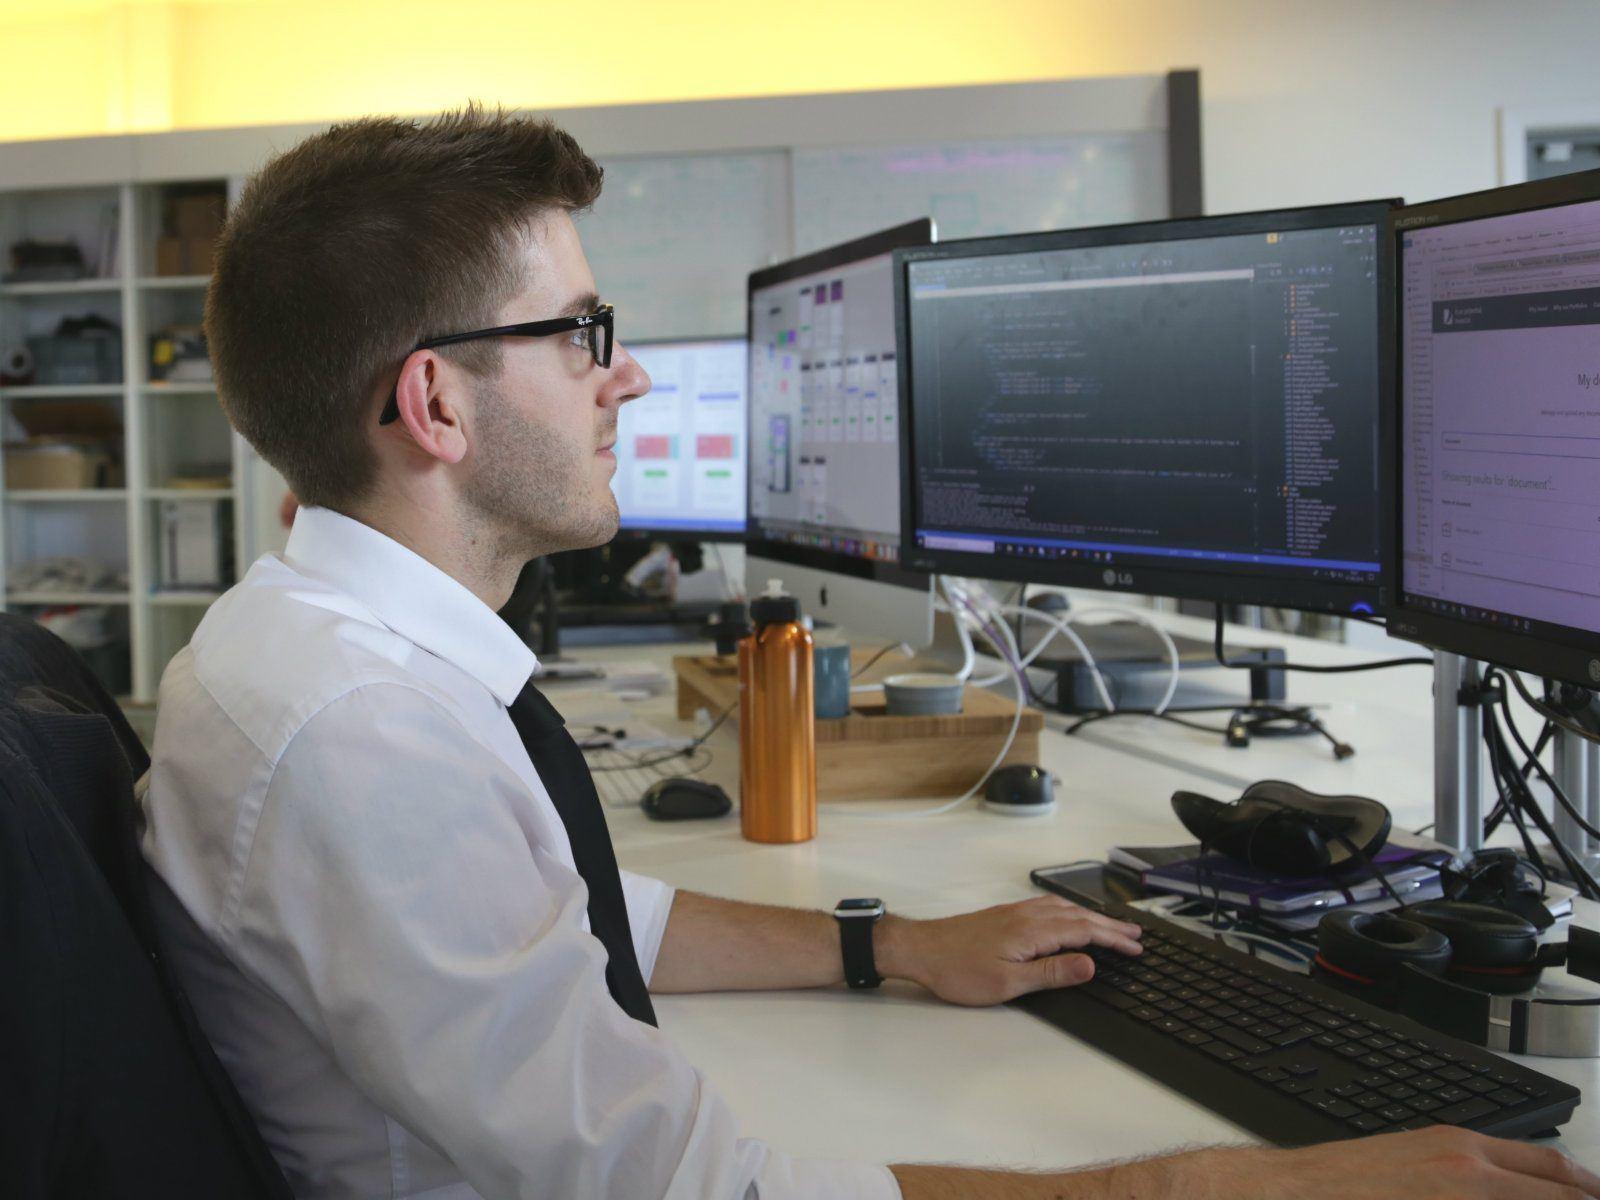 Meet the True Potential Investor team: Adam Hails